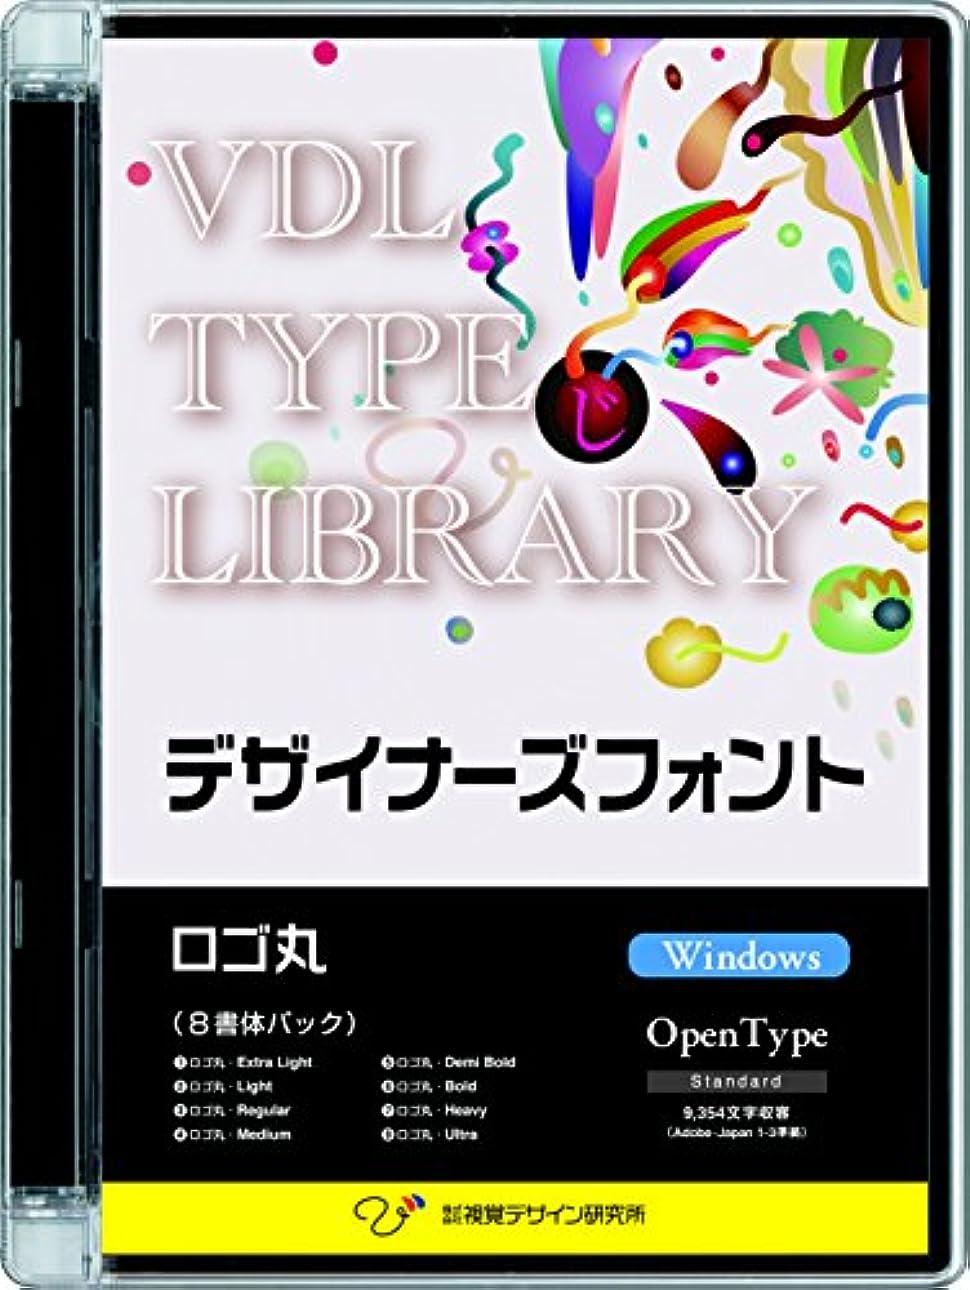 VDL TYPE LIBRARY デザイナーズフォント OpenType (Standard) Windows ロゴ丸 ファミリーパック